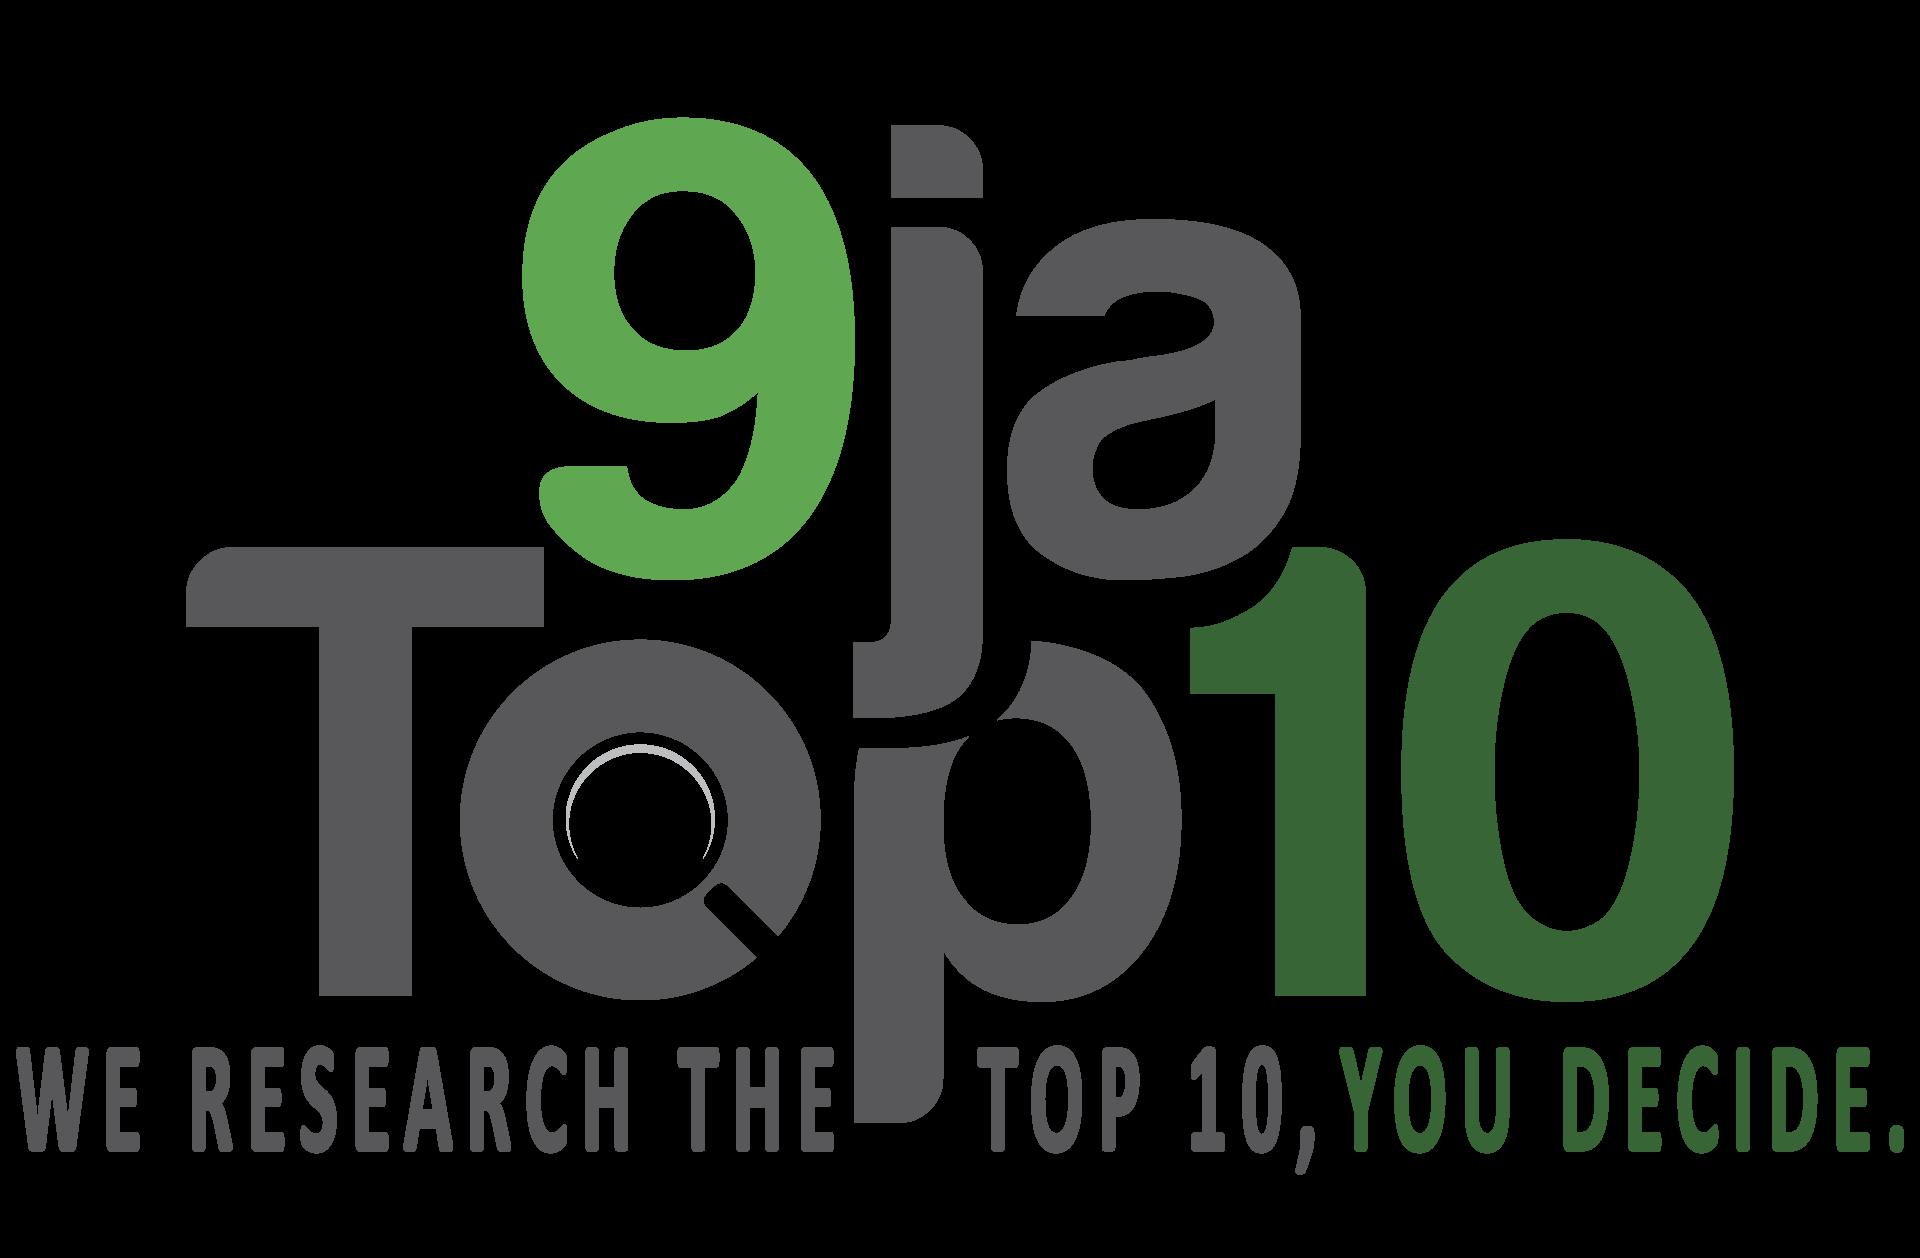 9jaTop10